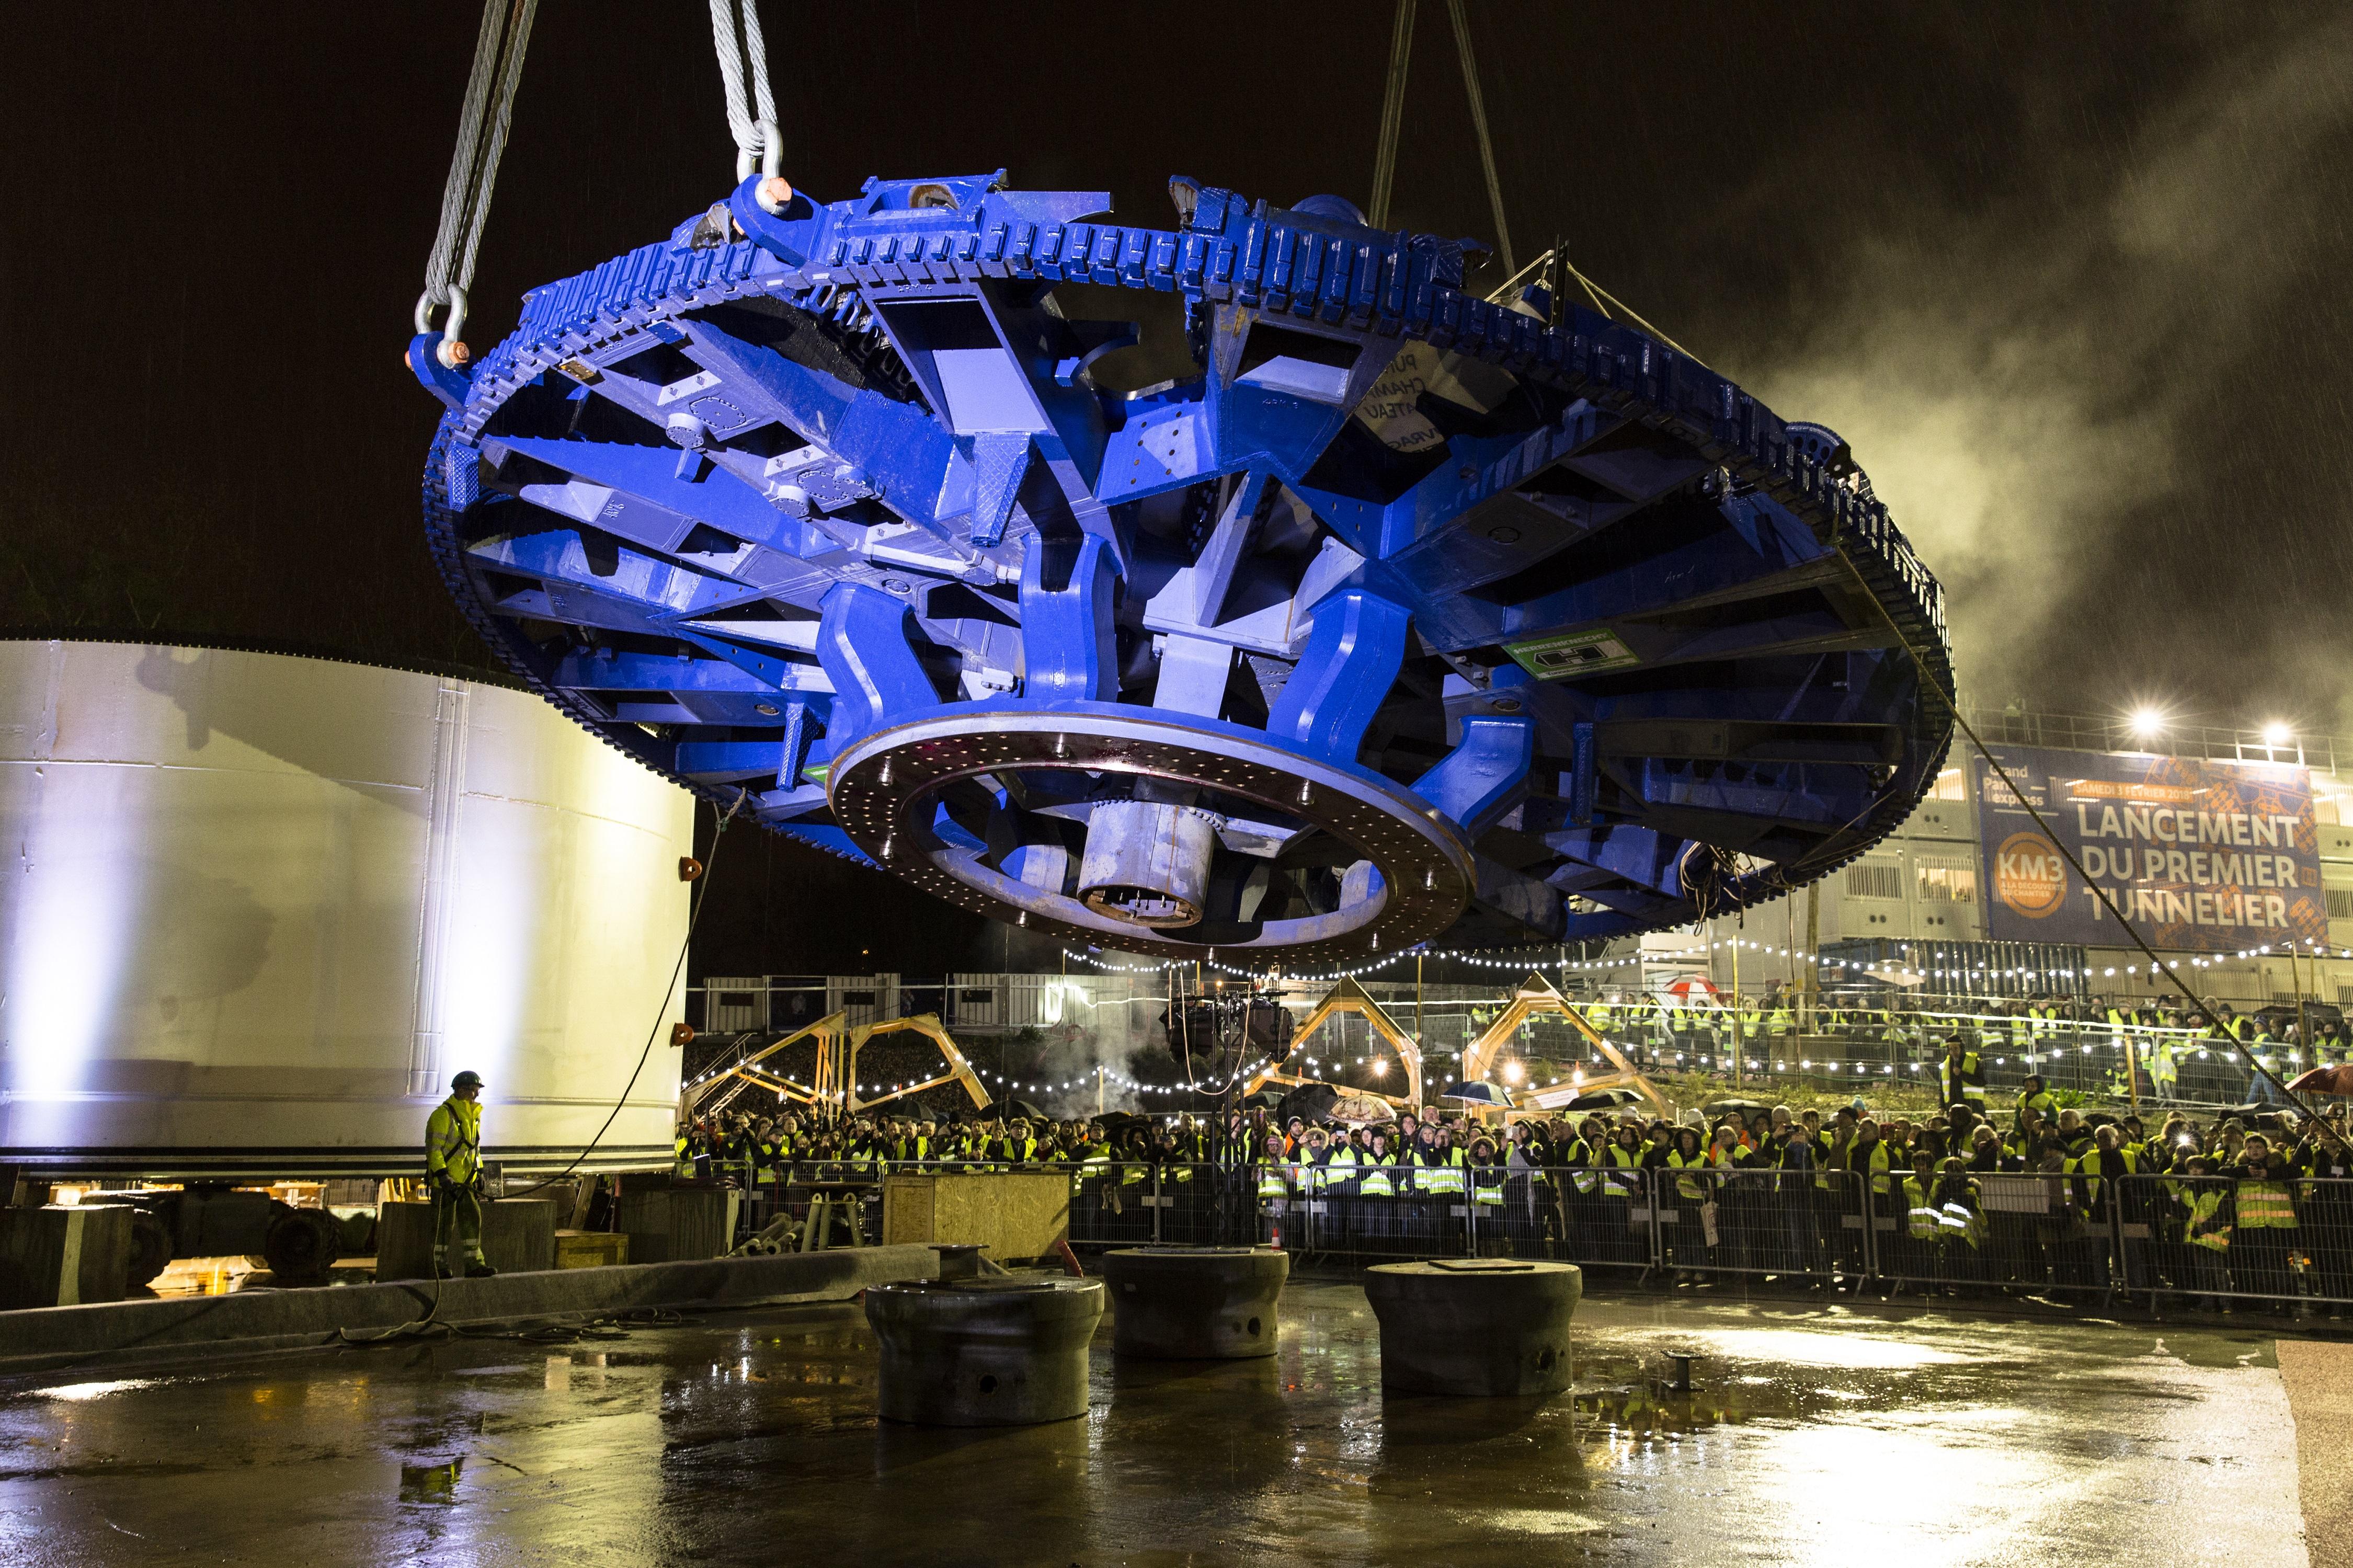 VINCI Construction et Spie batignolles remporte un nouveau contrat dans le cadre du futur Grand Paris Express